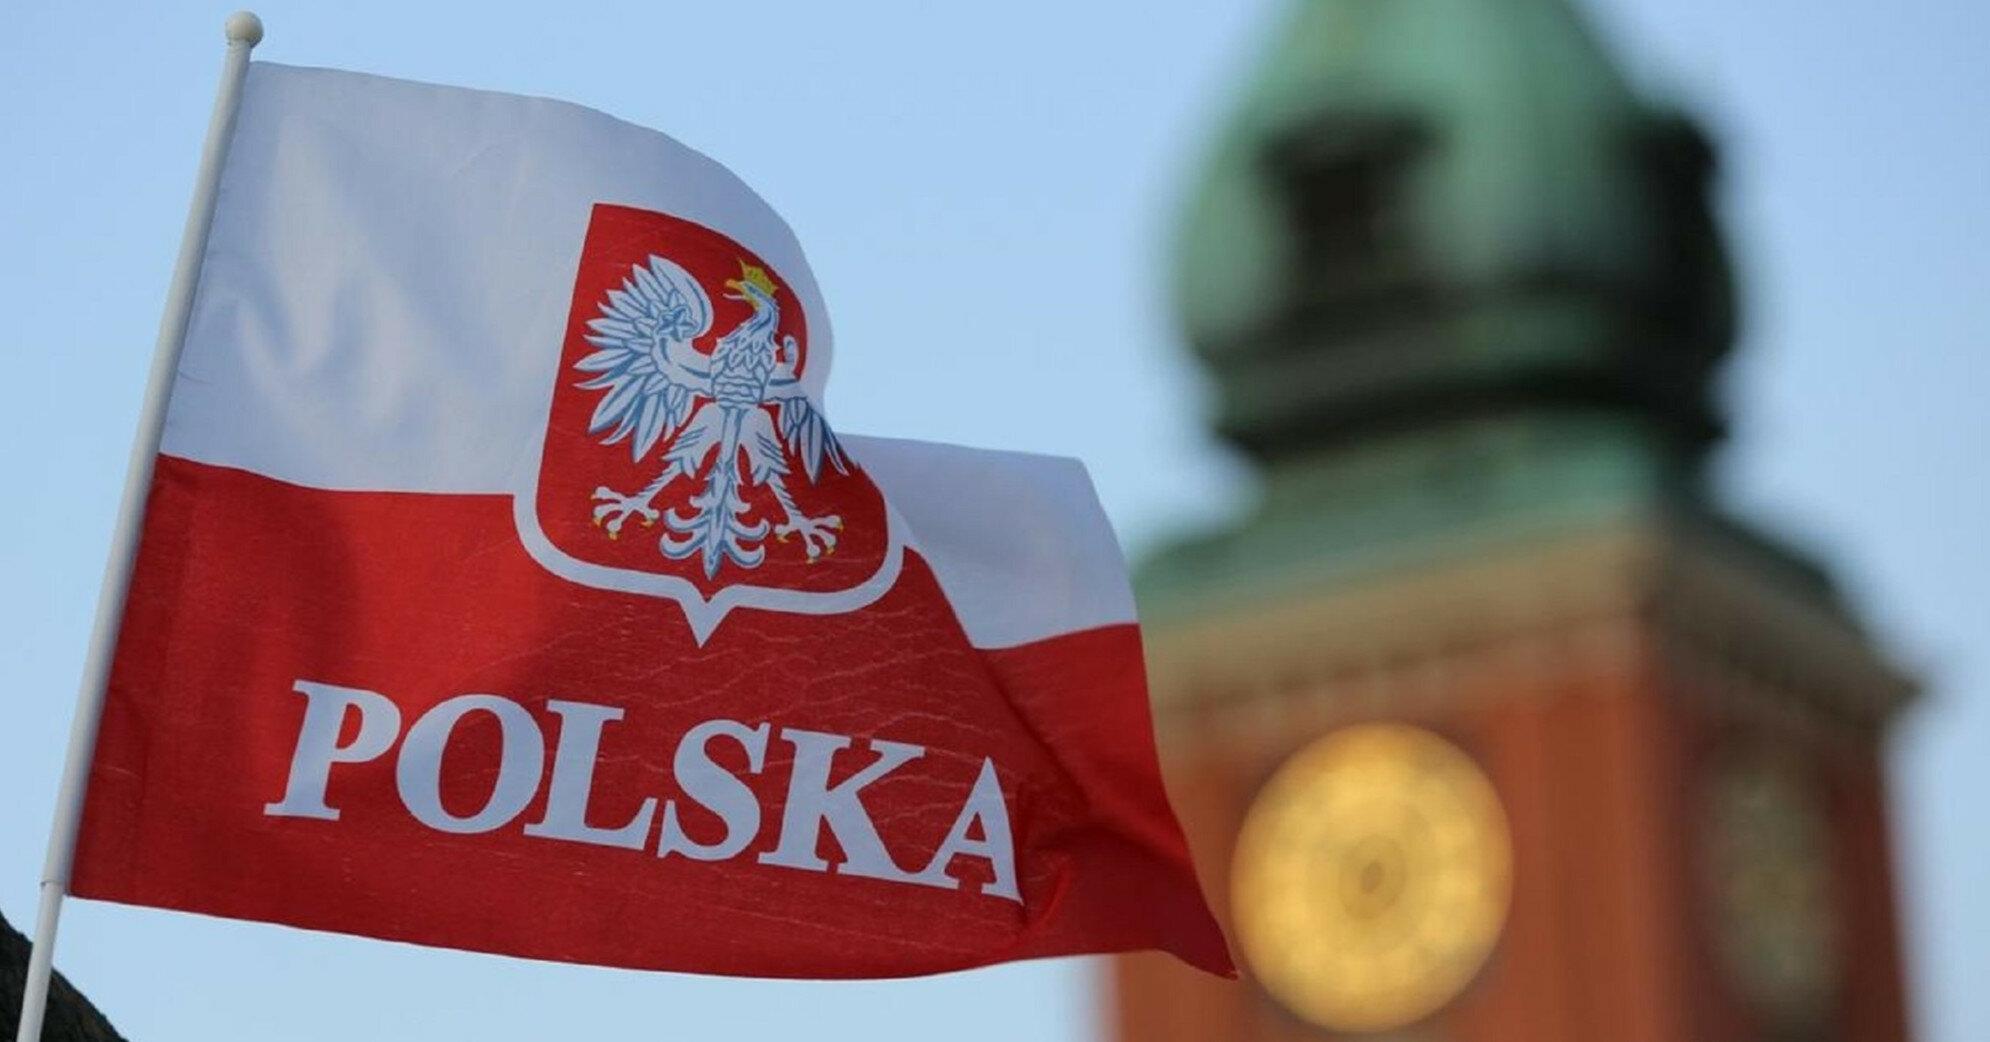 Польша на границе с Беларусью строит лагеря для беженцев